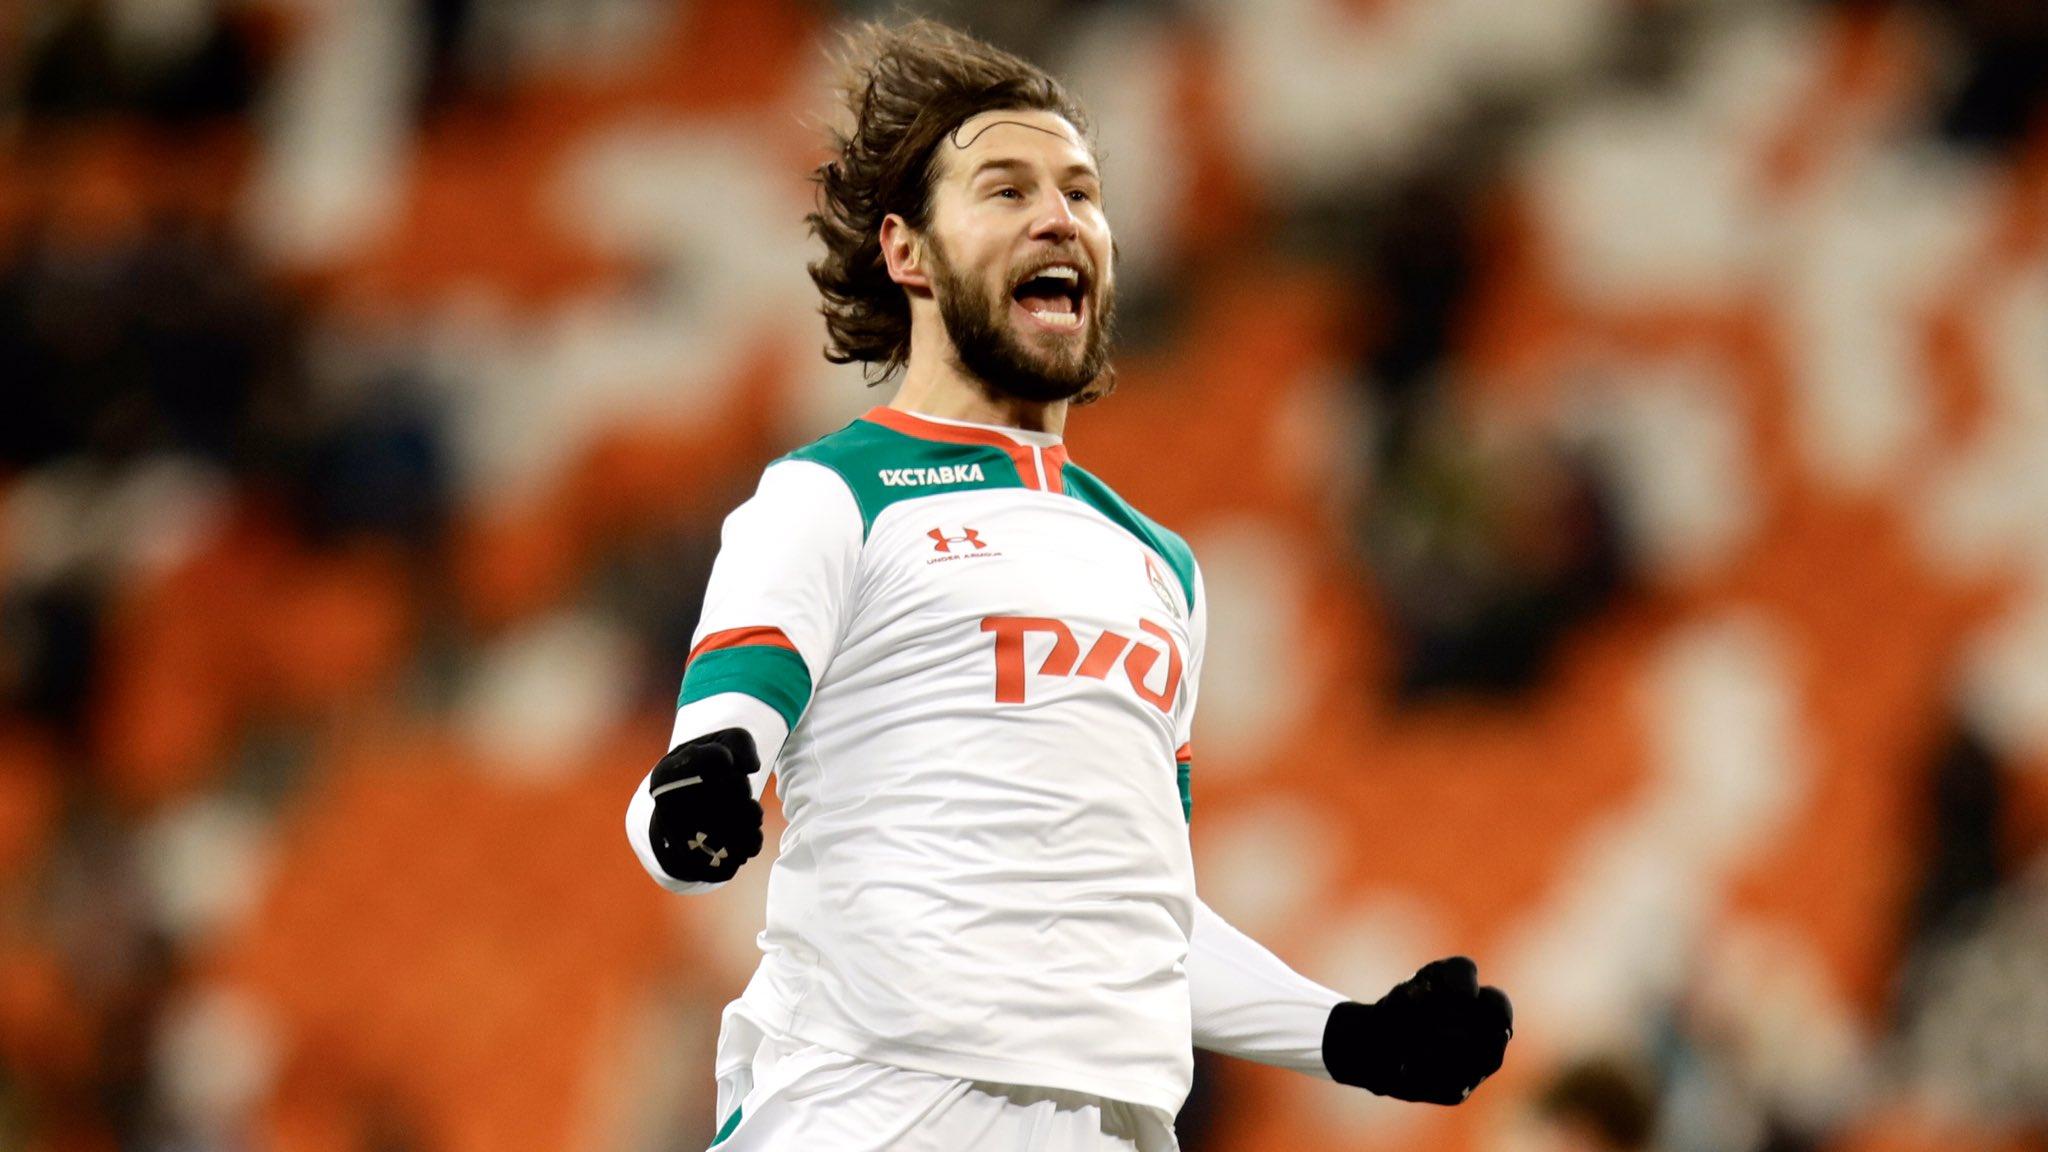 Крыховяк принес победу «Локо» в матче с «Тамбовом»